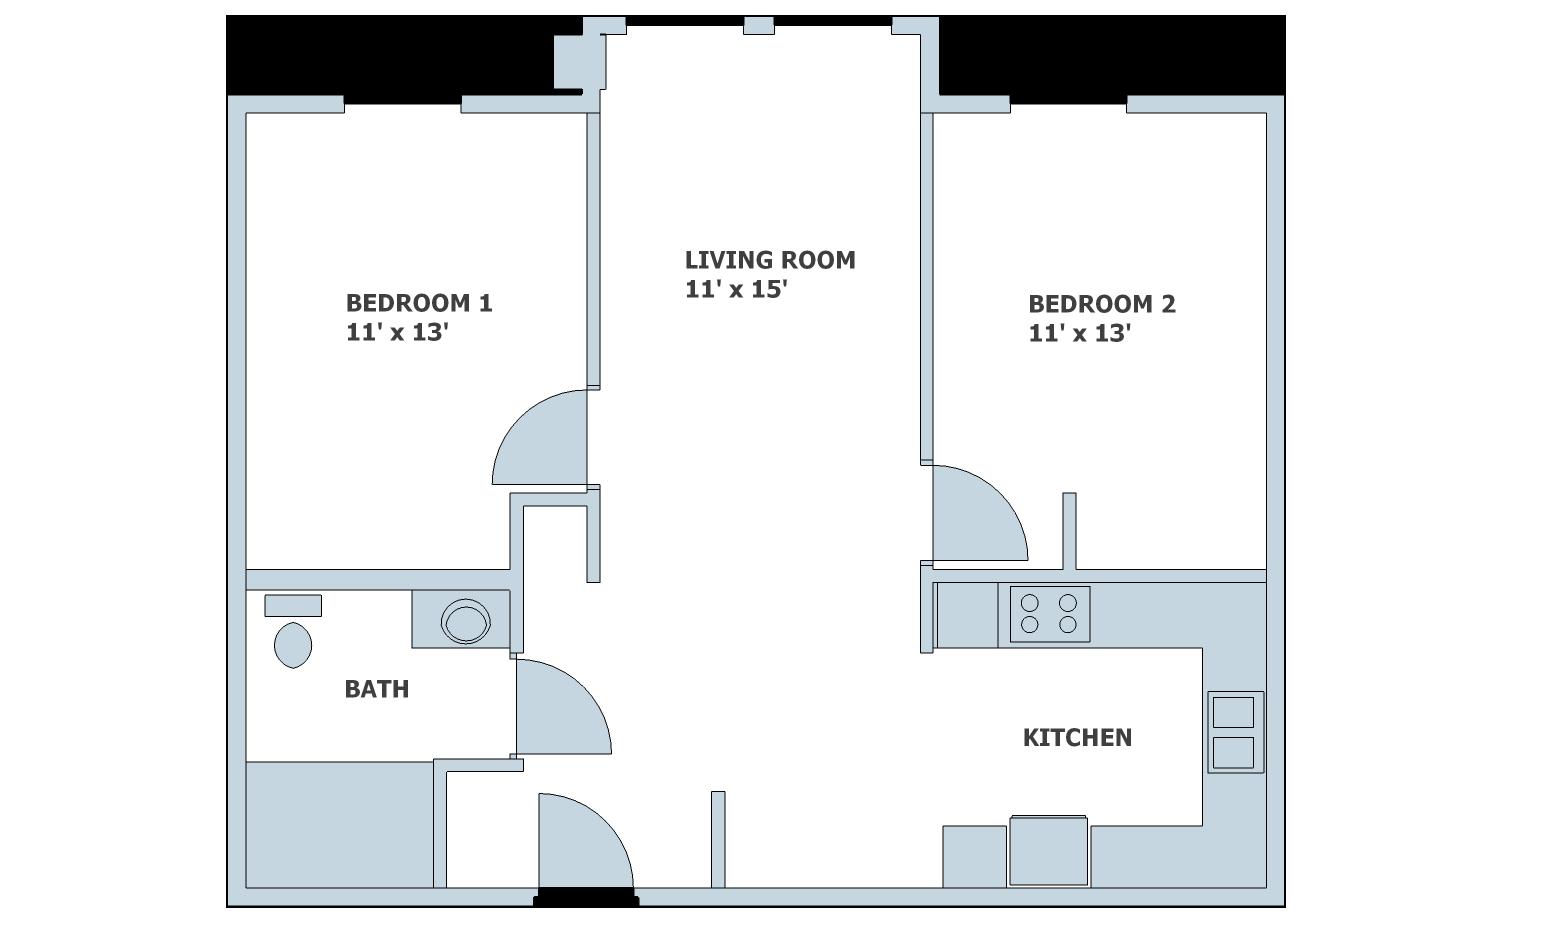 mounds-view-gables-floor-plan-unit-b-1